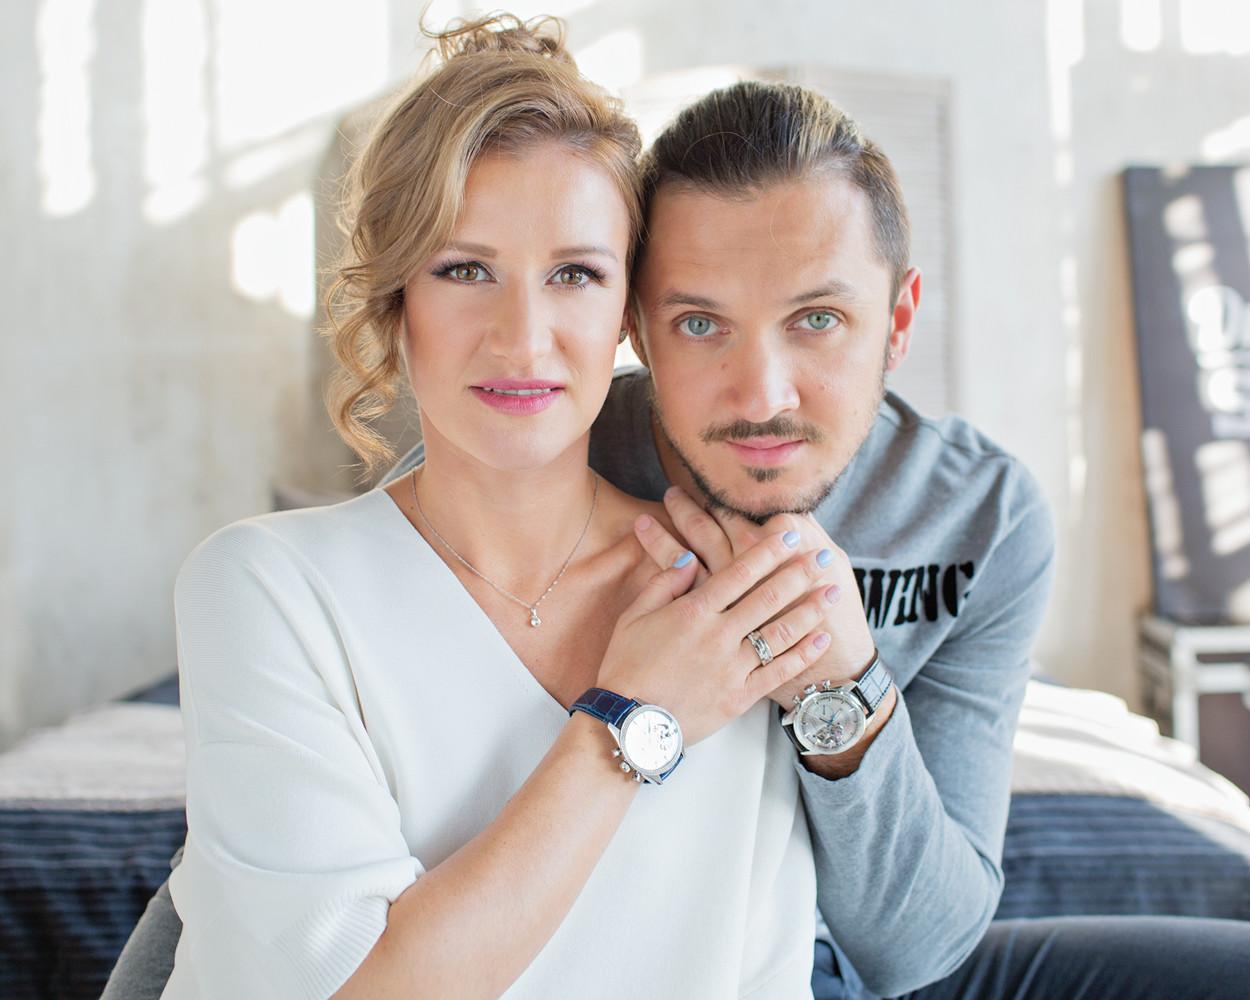 Татьяна Волосожар и Максим Траньков: «Возможно, вскоре нас будет пятеро»